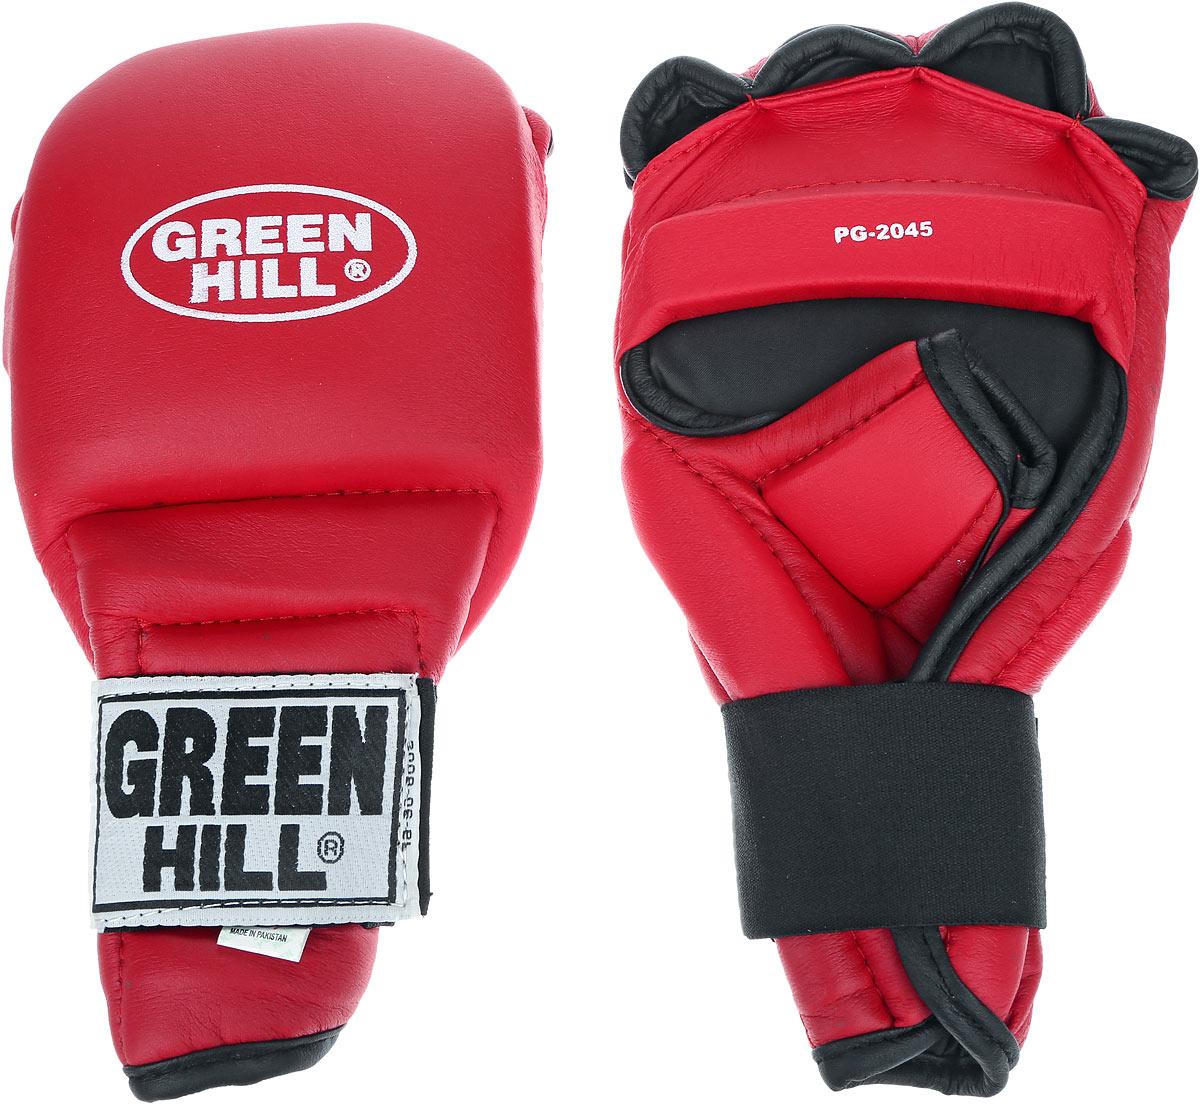 Перчатки для рукопашного боя Green Hill, цвет: красный, черный. Размер S. PG-2045PG-2045Перчатки для рукопашного боя Green Hill произведены из высококачественной искусственной кожи. Подойдут для занятий кунг-фу. Конструкция предусматривает открытые пальцы - необходимый атрибут для проведения захватов. Манжеты на липучках позволяют быстро снимать и надевать перчатки без каких-либо неудобств. Анатомическая посадка предохраняет руки от повреждений.